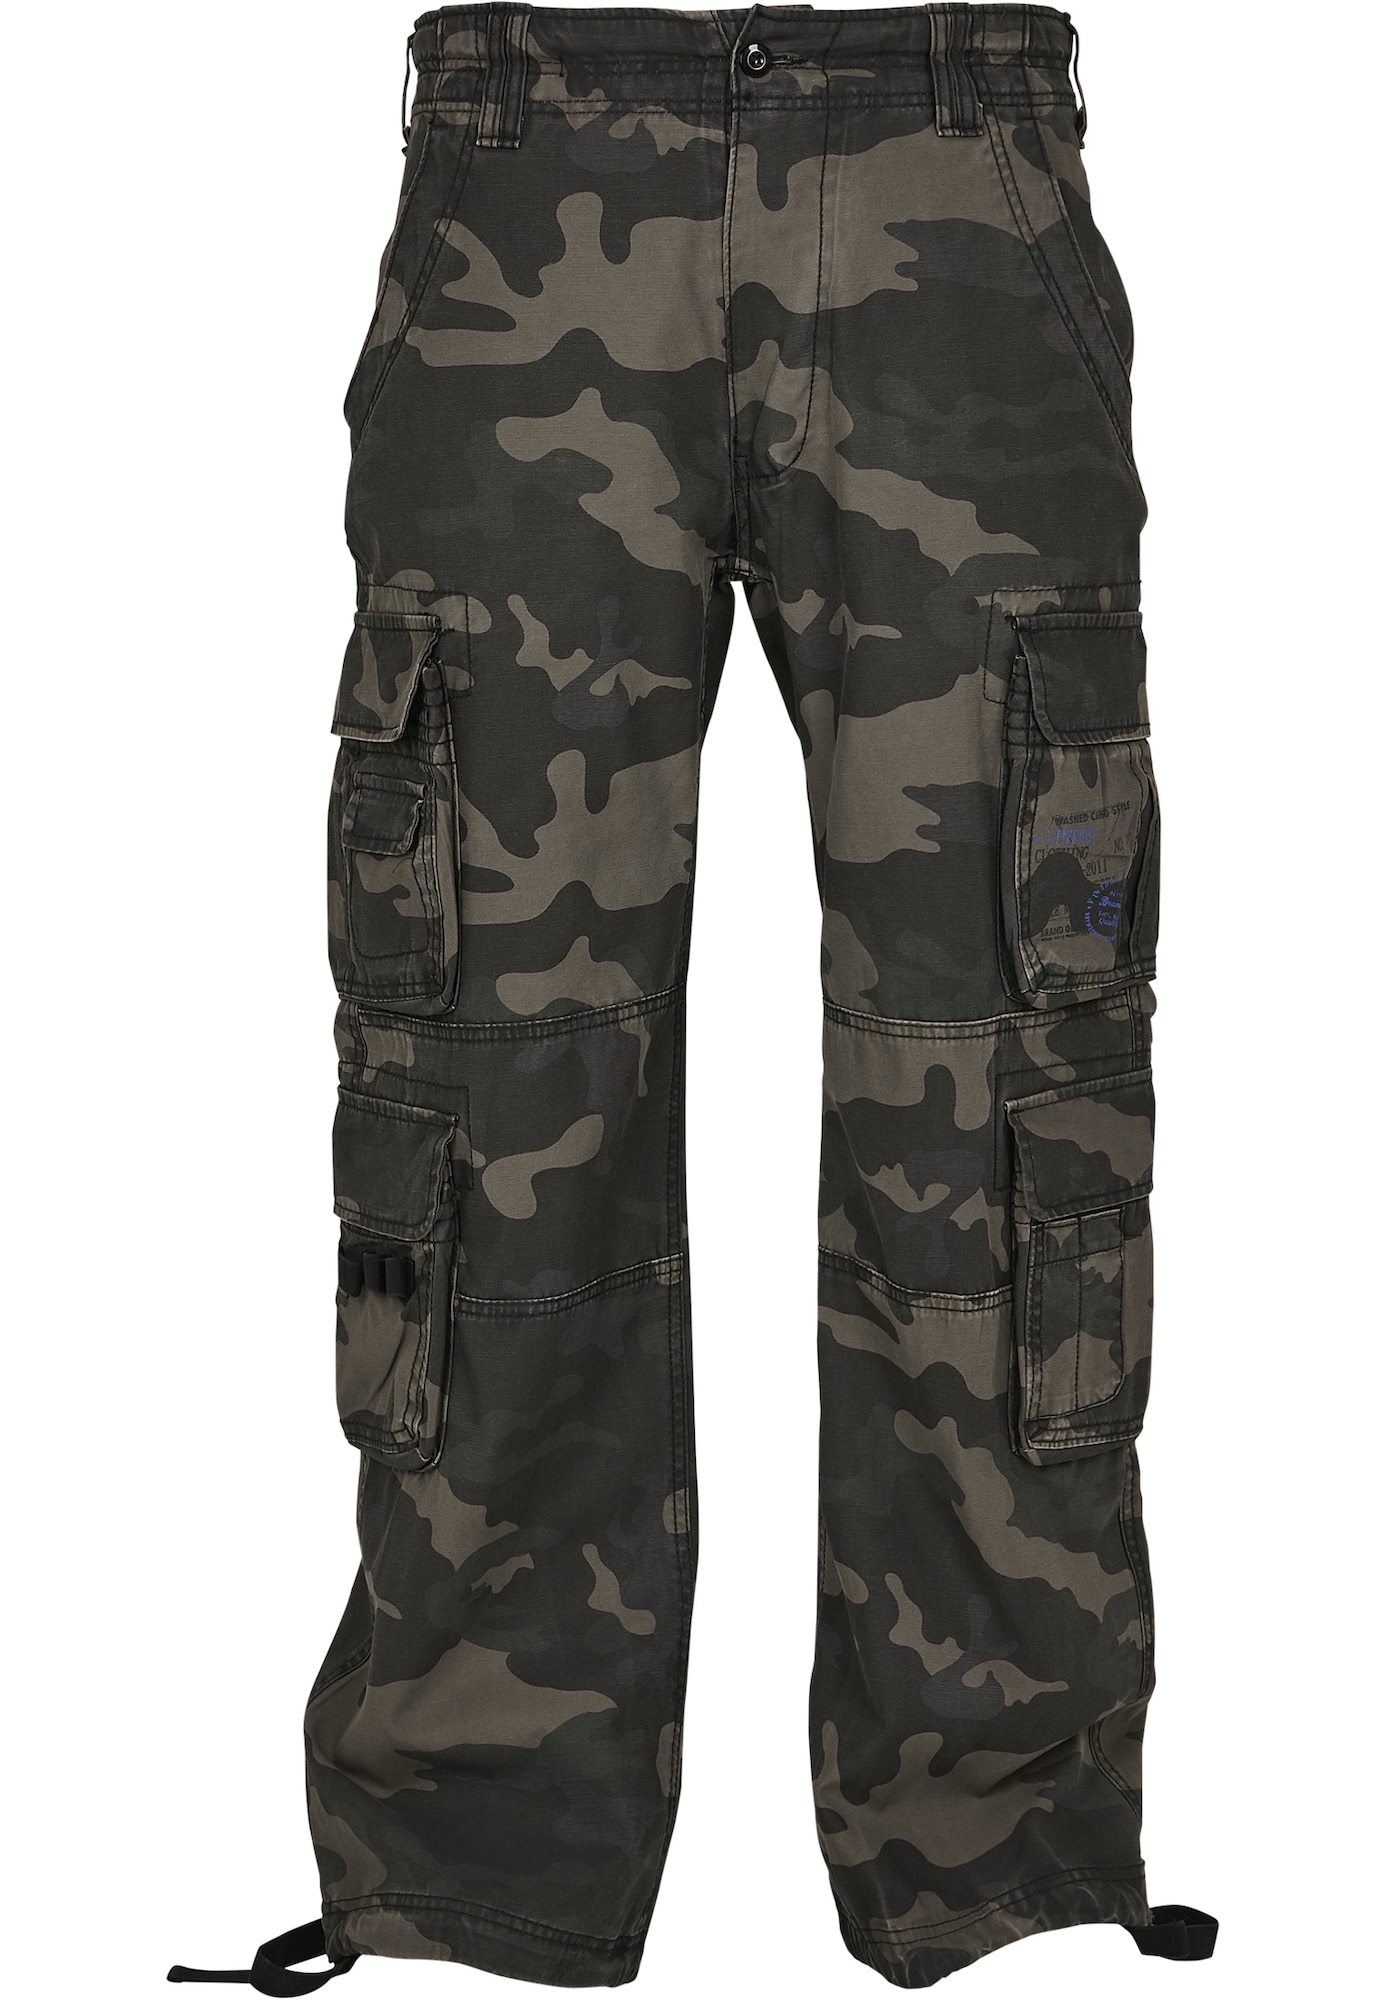 Brandit Laisvo stiliaus kelnės rusvai žalia / alyvuogių spalva / įdegio spalva / šviesiai ruda